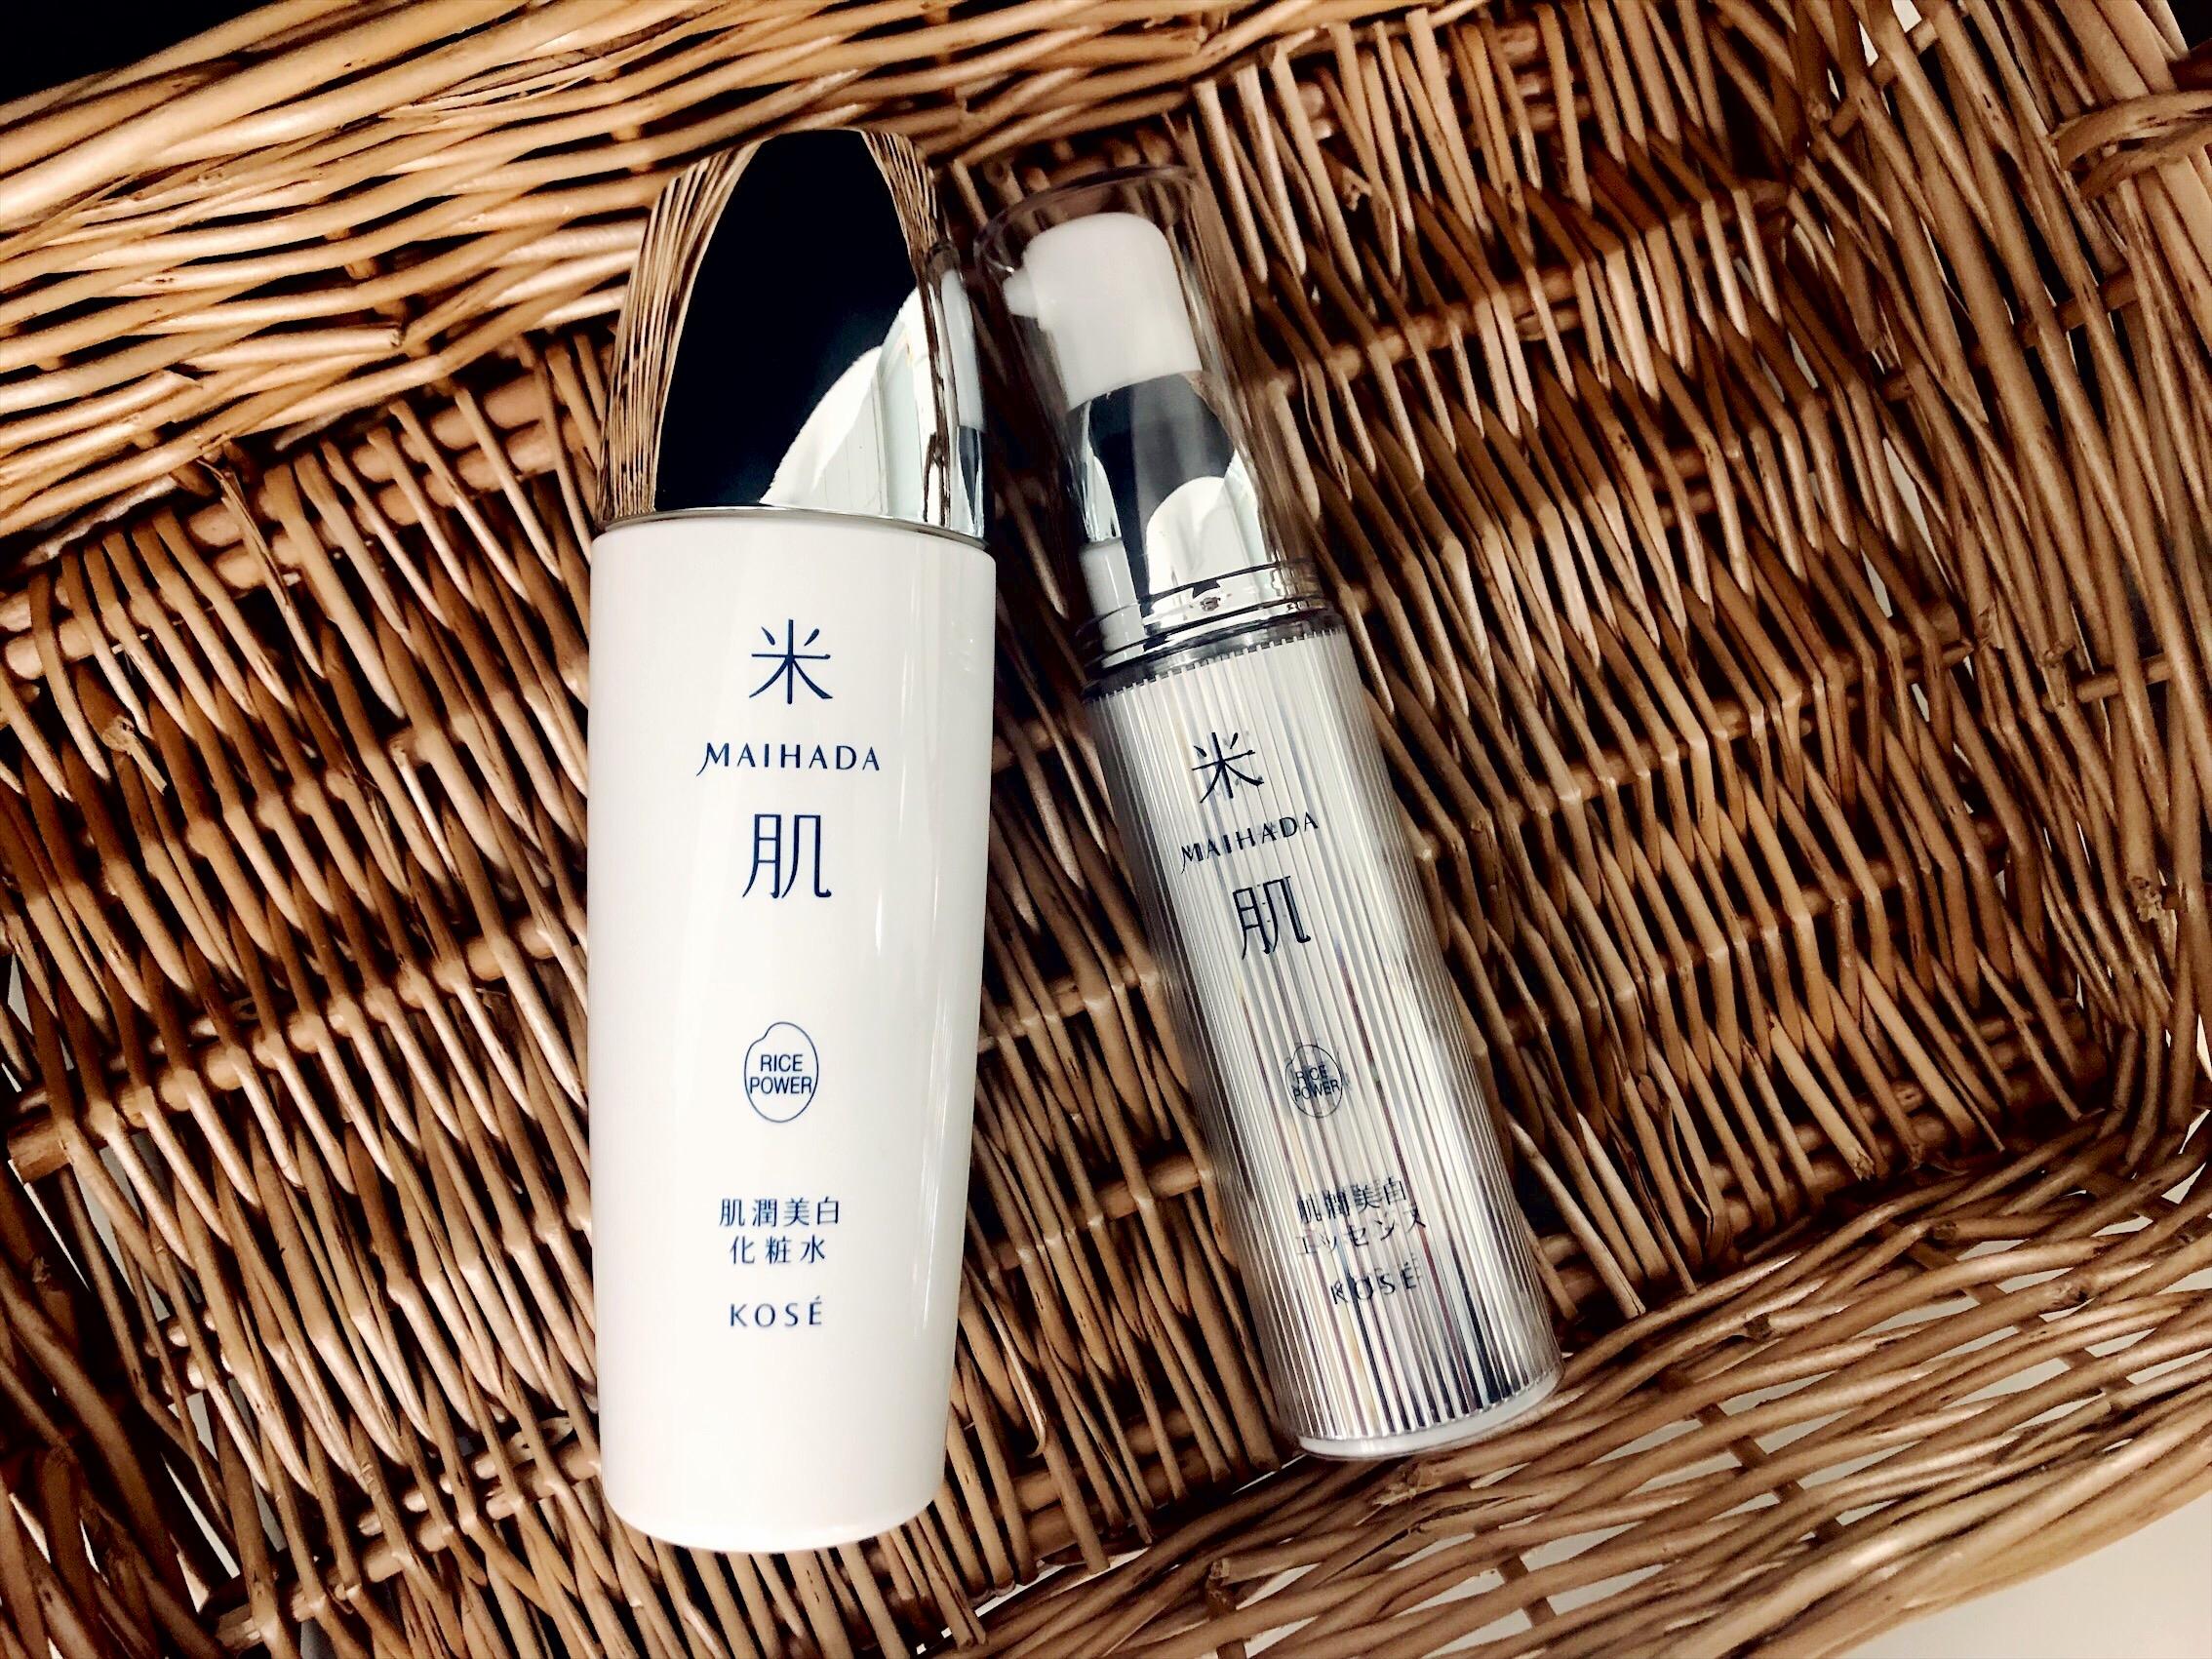 美白化粧品特集 - シミやくすみ対策・肌の透明感アップが期待できるコスメは?_14